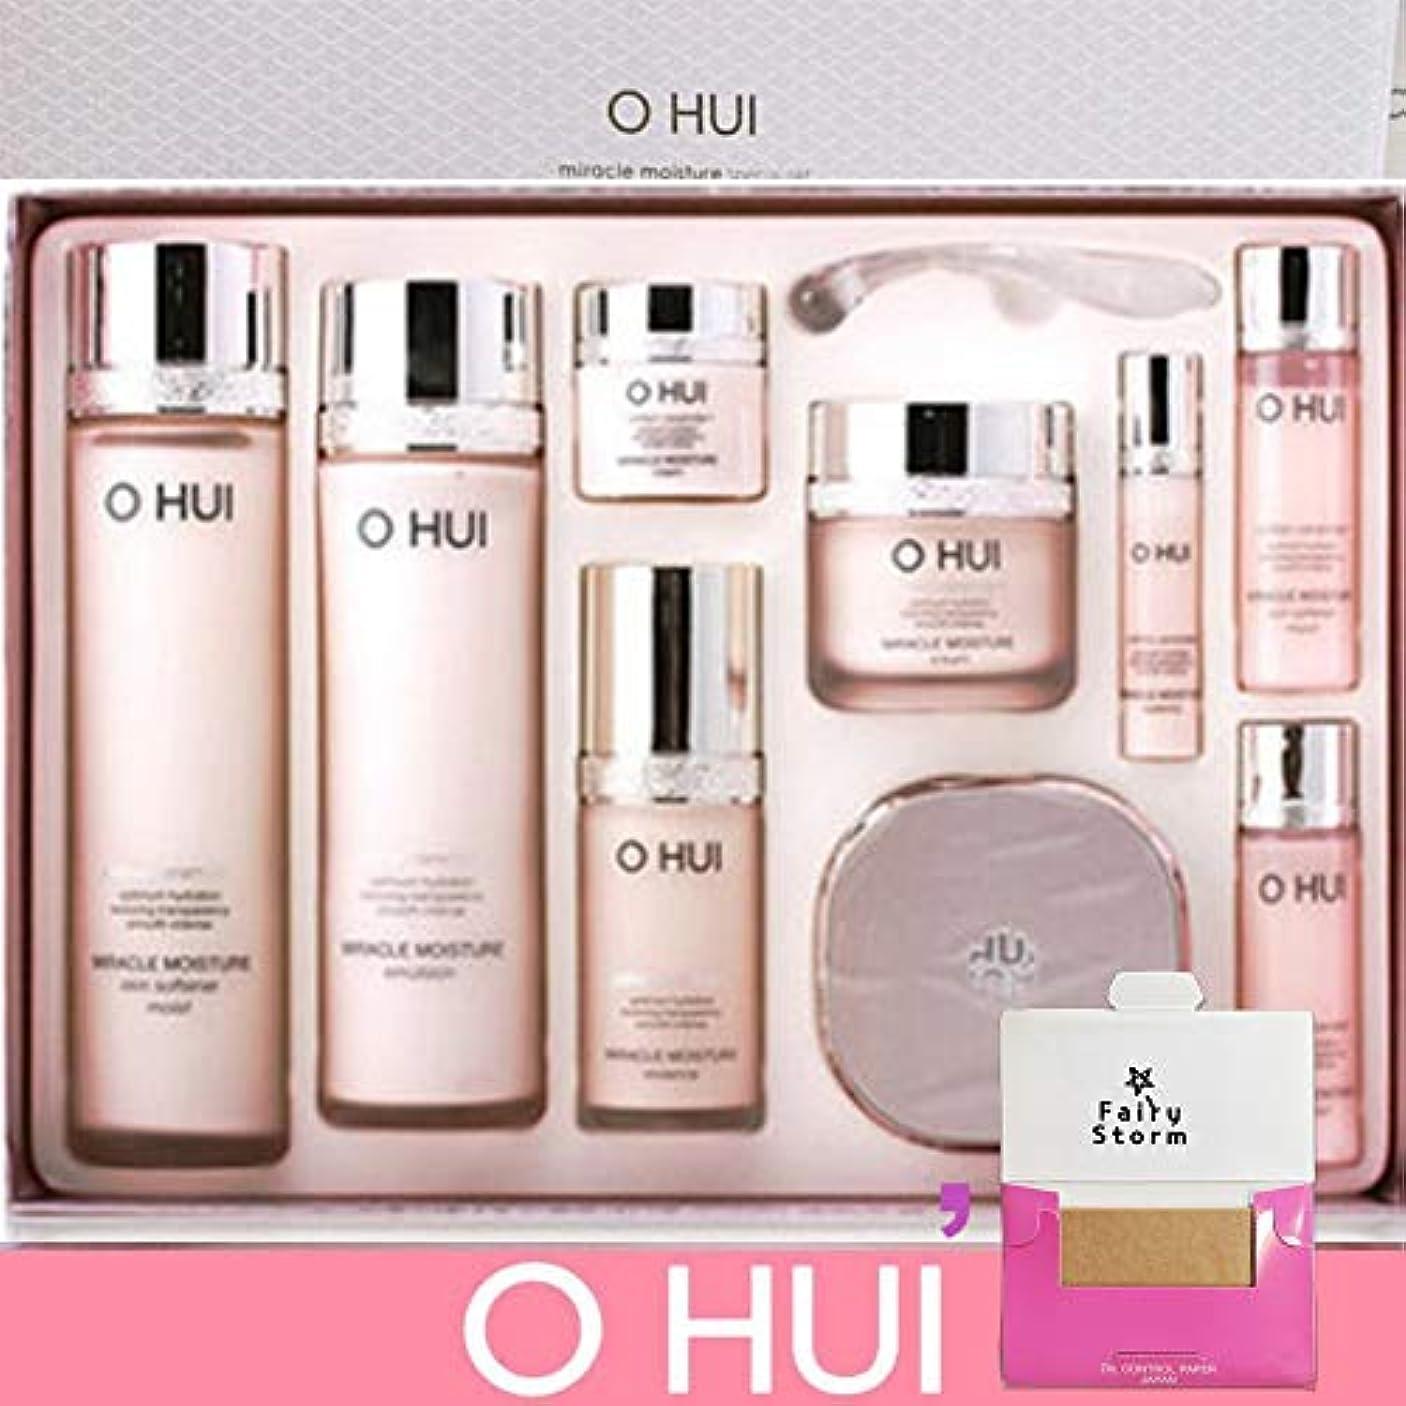 ケニア一緒に致命的な[オフィ/ O HUI]韓国化粧品 LG生活健康/ O HUI MIRACLE MOISTURE SPECIAL SET/ミラクルモイスチャー スペシャル 4種 企画セット + [Sample Gift](海外直送品)